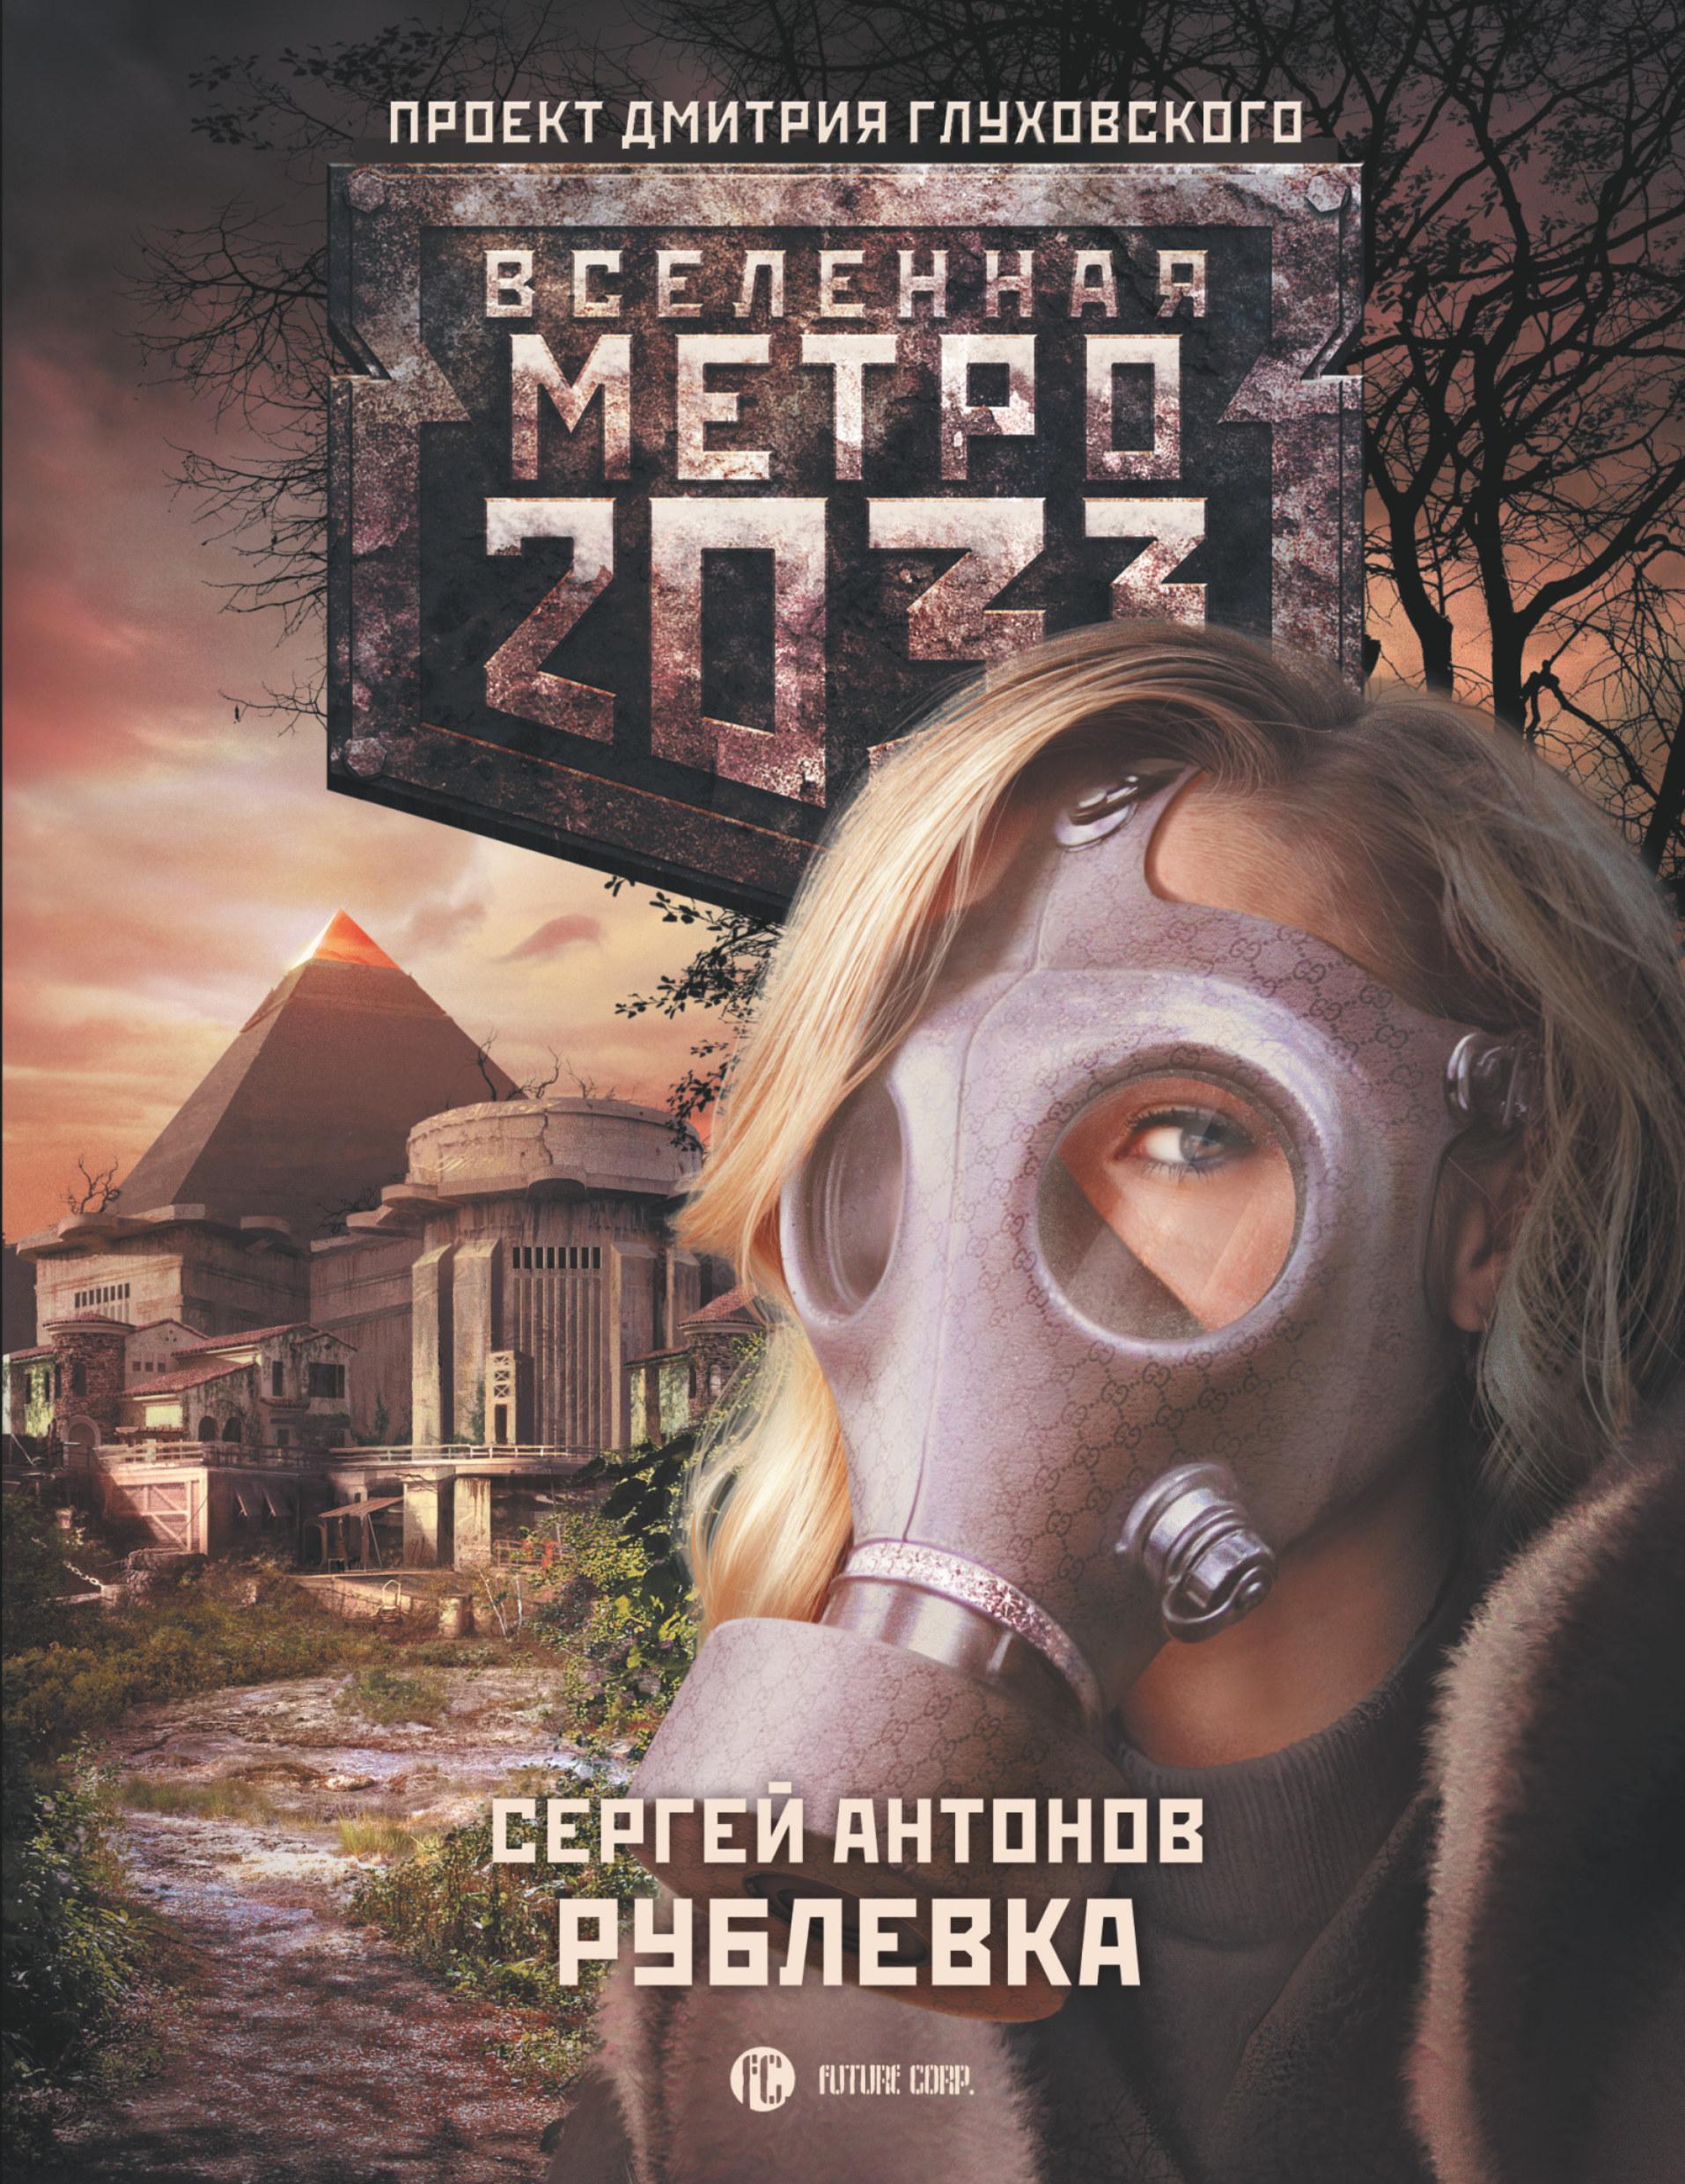 Сергей Антонов Метро 2033: Рублевка